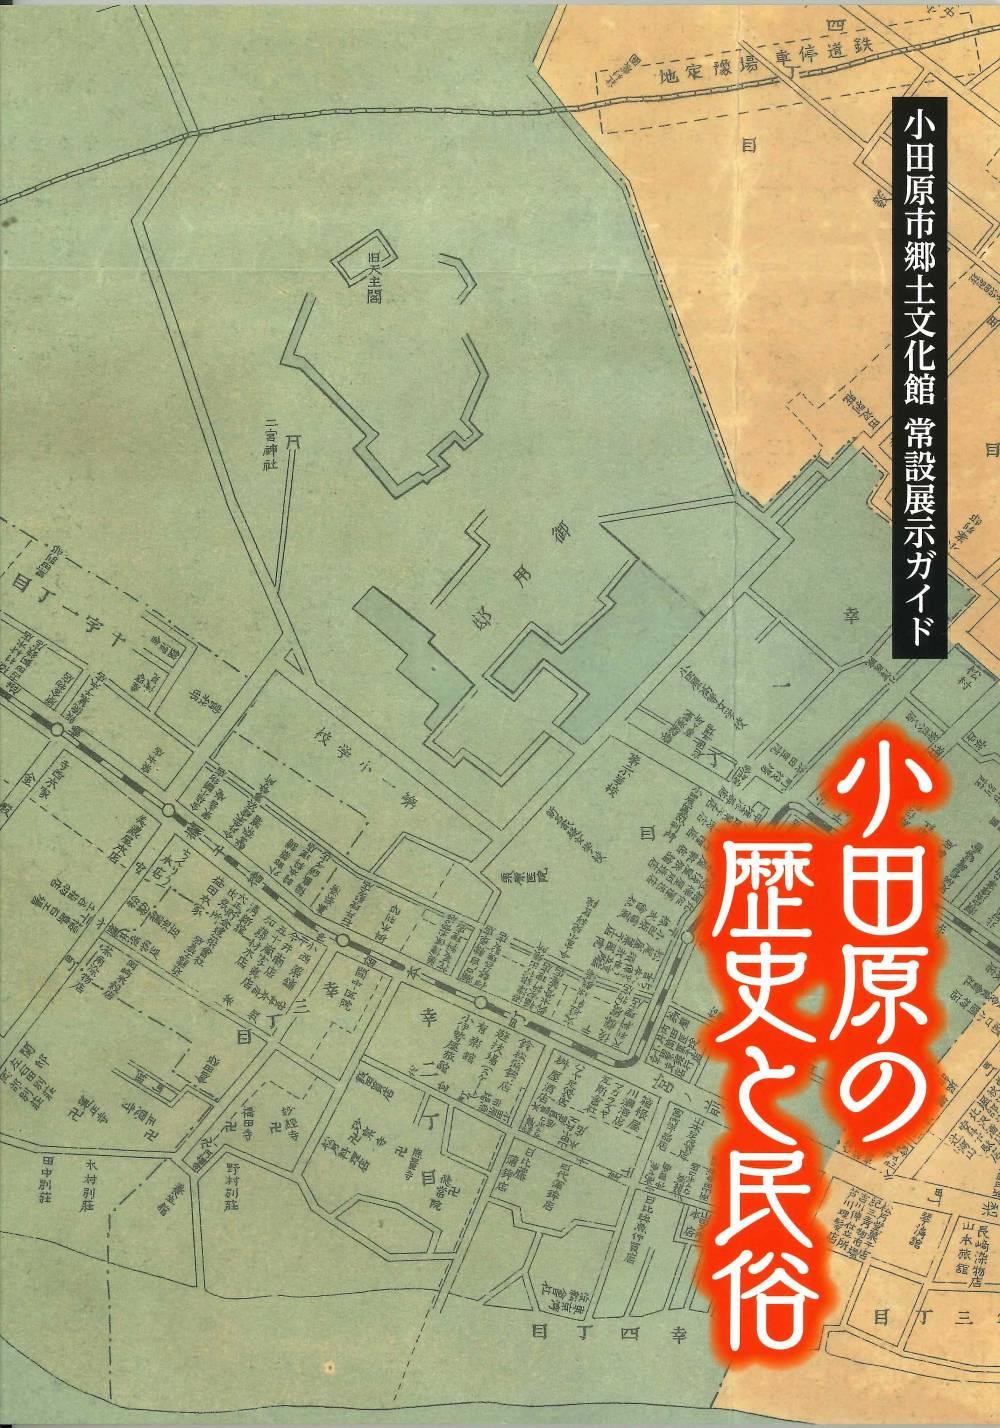 「小田原の歴史と民俗」表紙